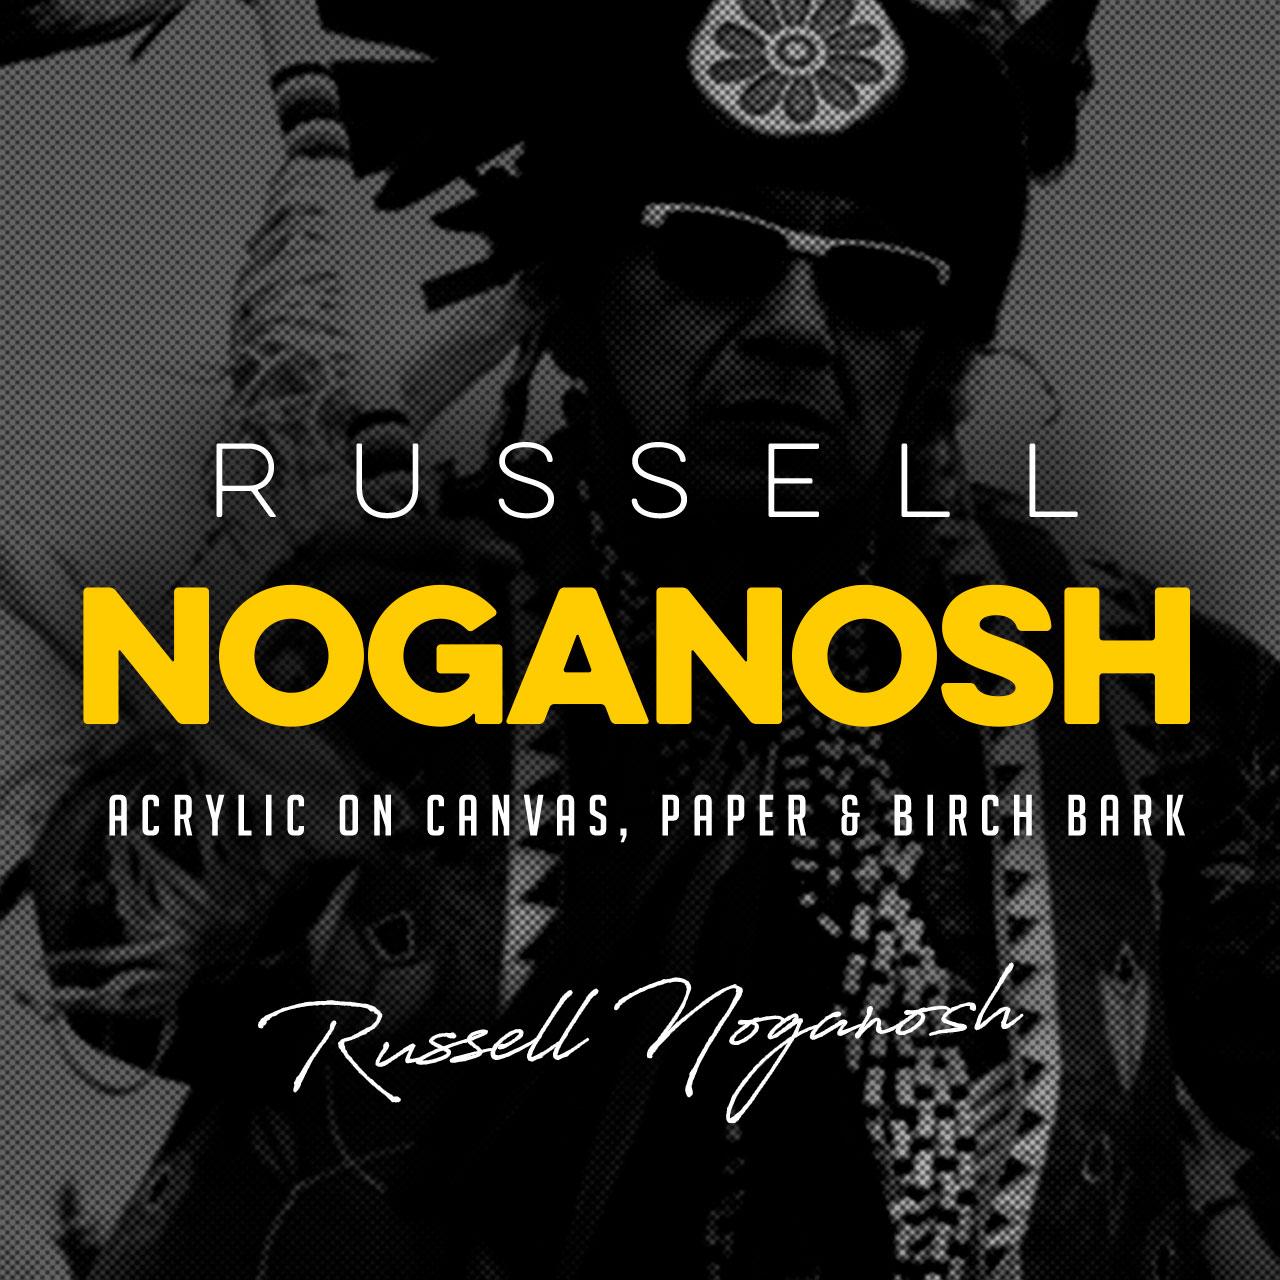 Russell Noganosh